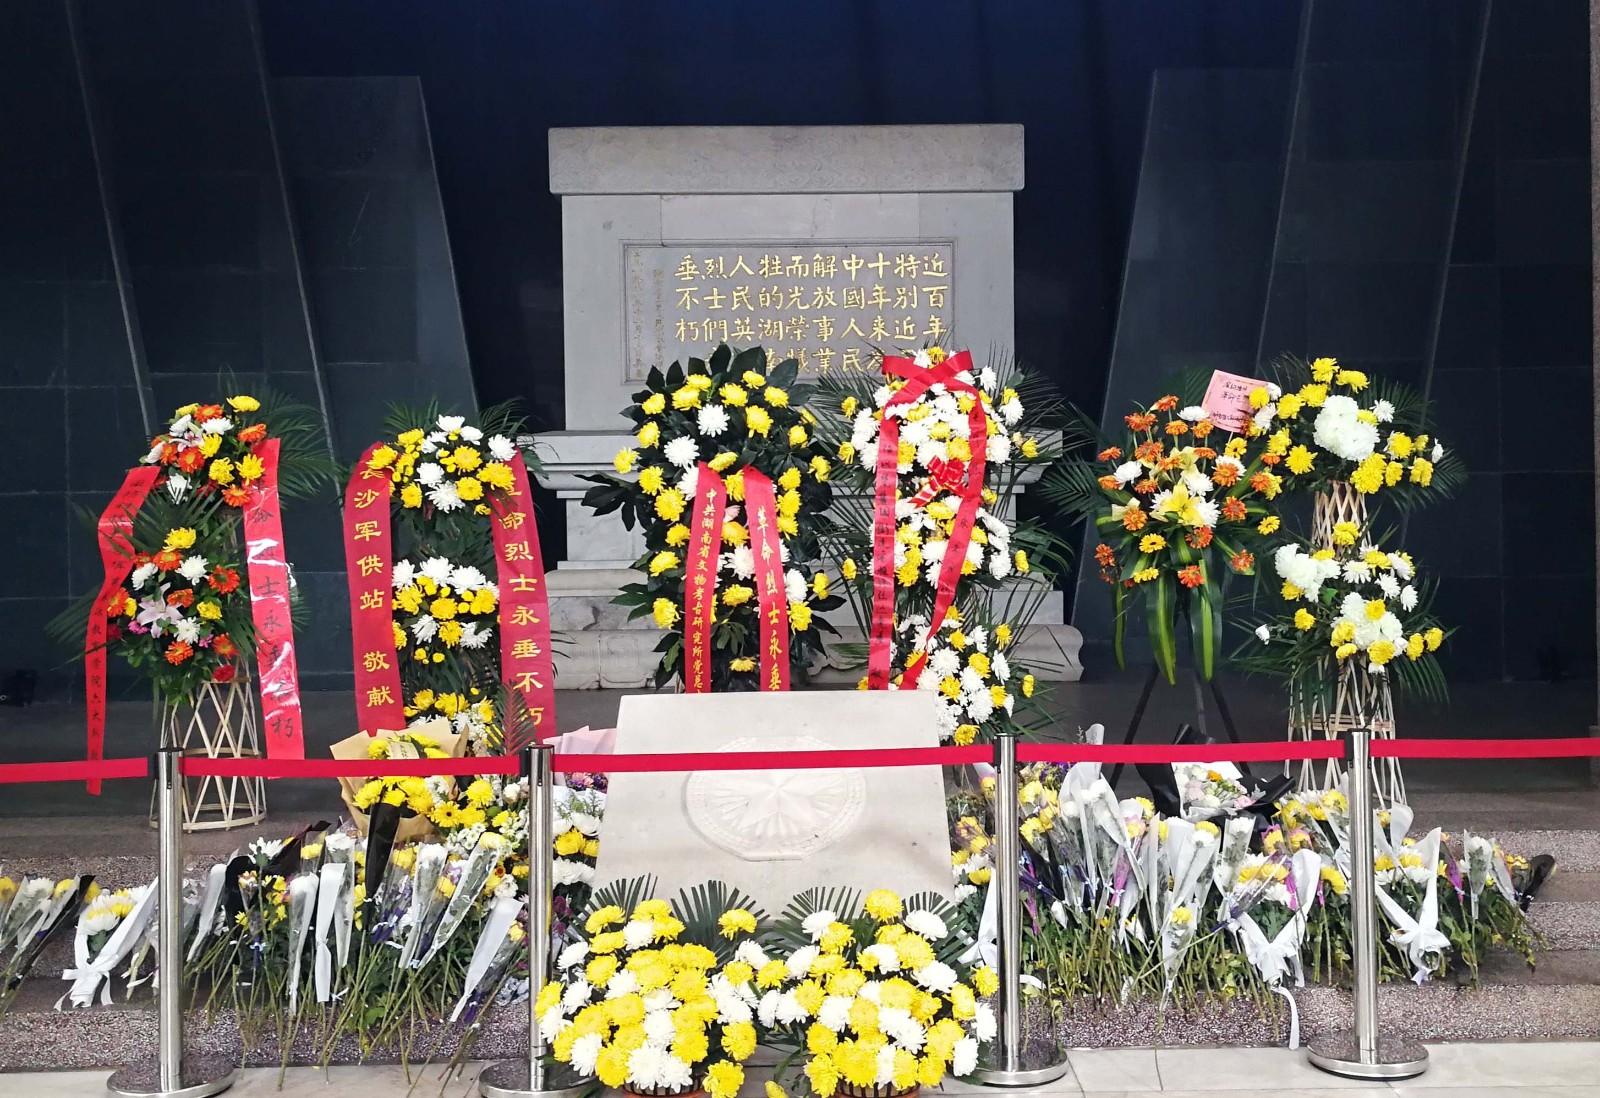 2019年8月20日至9月25日期间湖南烈士公园纪念塔陈列馆闭馆,进行铭文箔金维护。长沙晚报全媒体记者 周柏平 摄